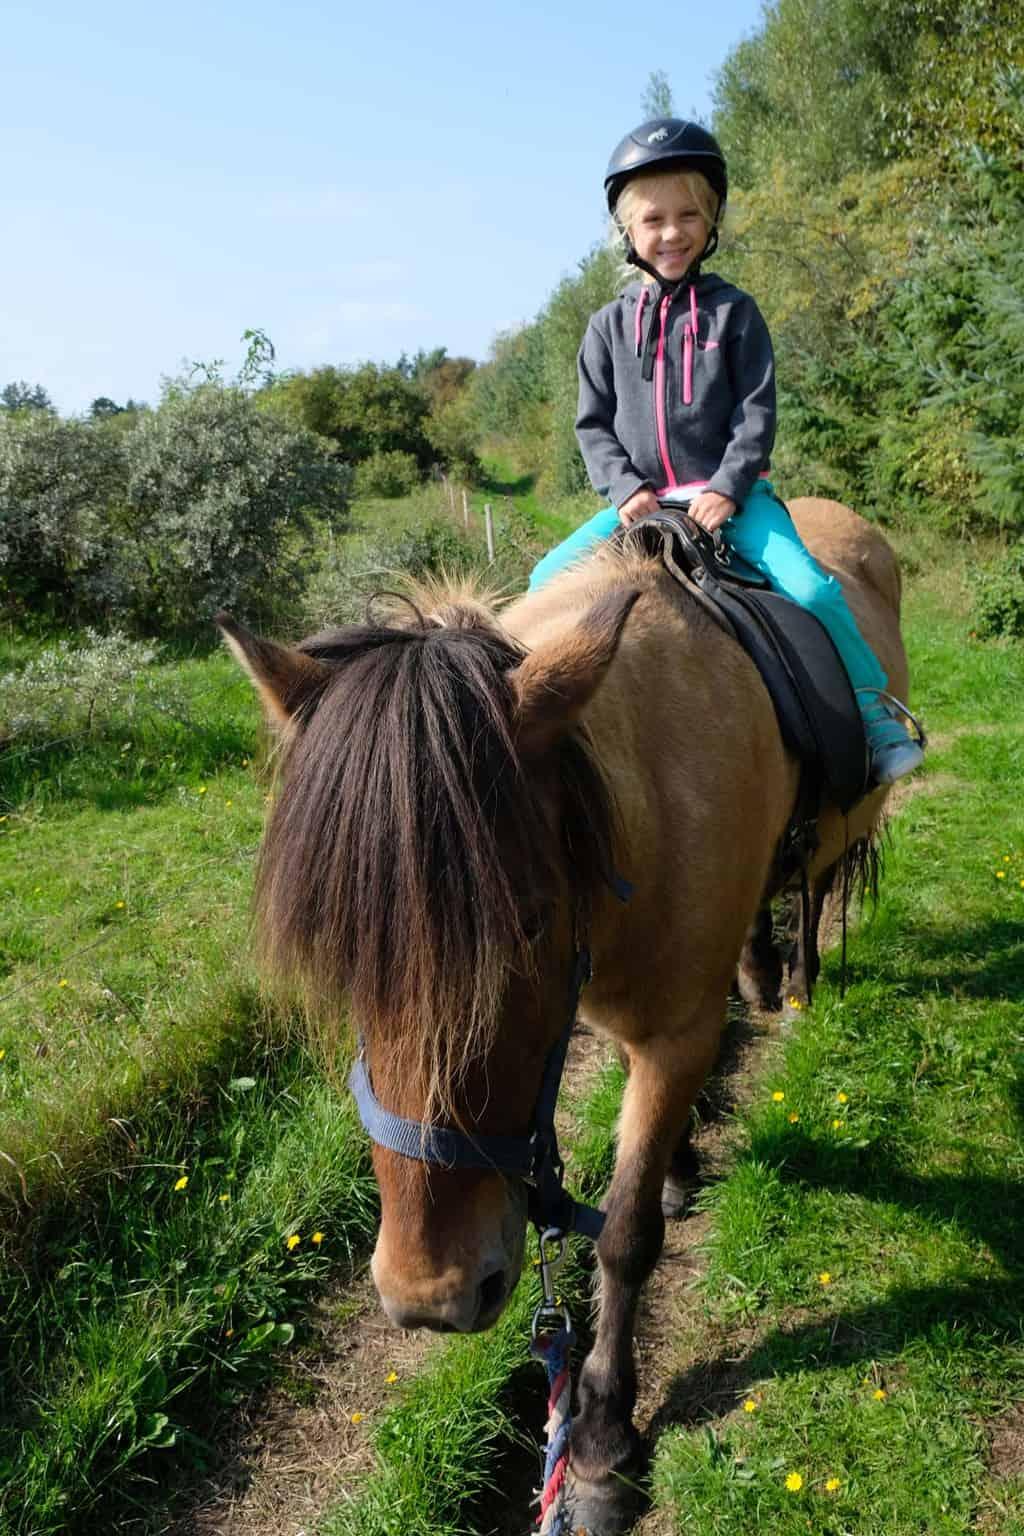 Skallerip seaside resort paardrijden denemarken kinderen